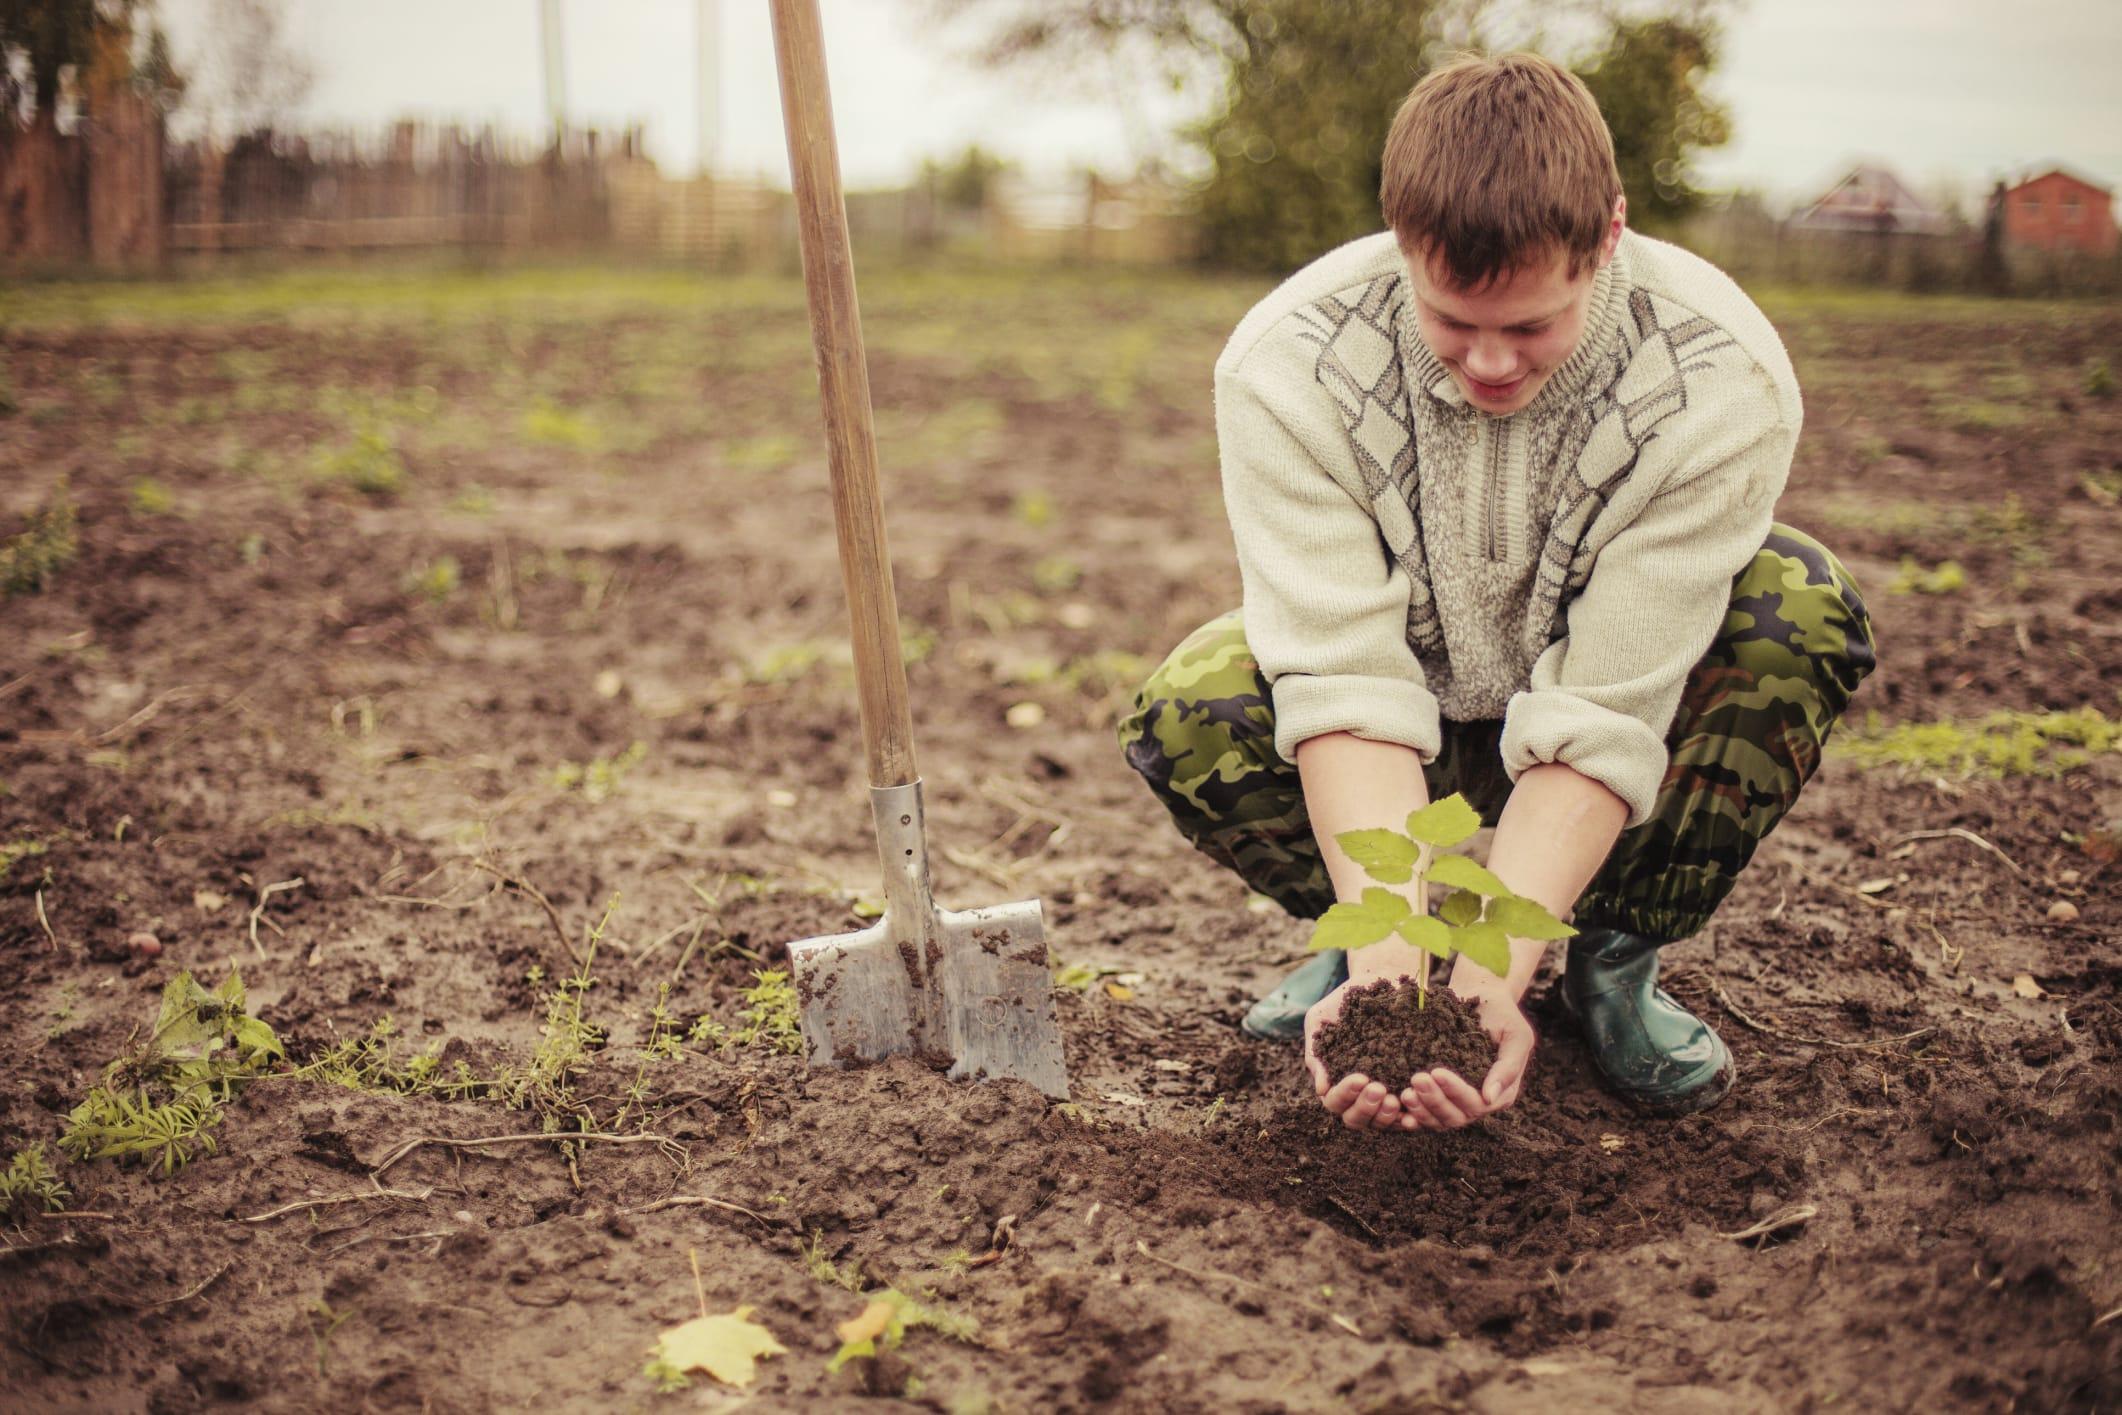 decreto-legge-agricoltura-decreto-campolibero